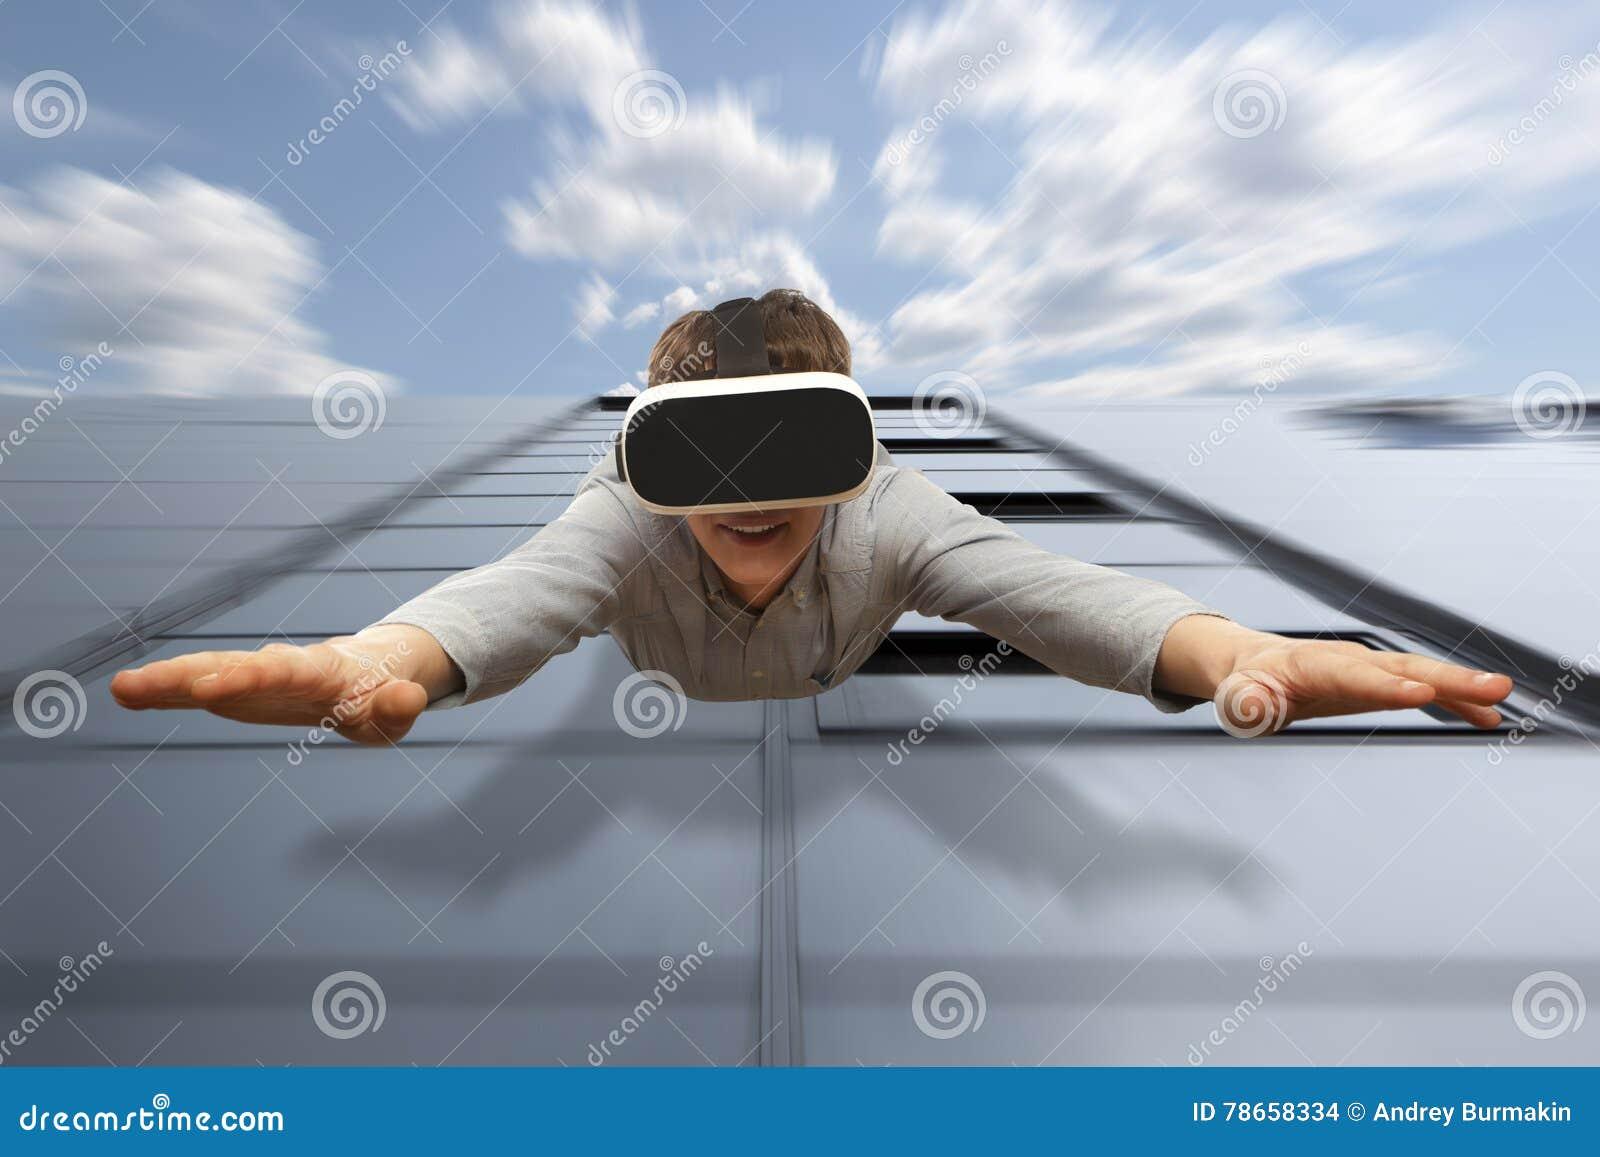 Bemannen Sie die tragenden Gläser der virtuellen Realität, die von einem Wolkenkratzer fliegen